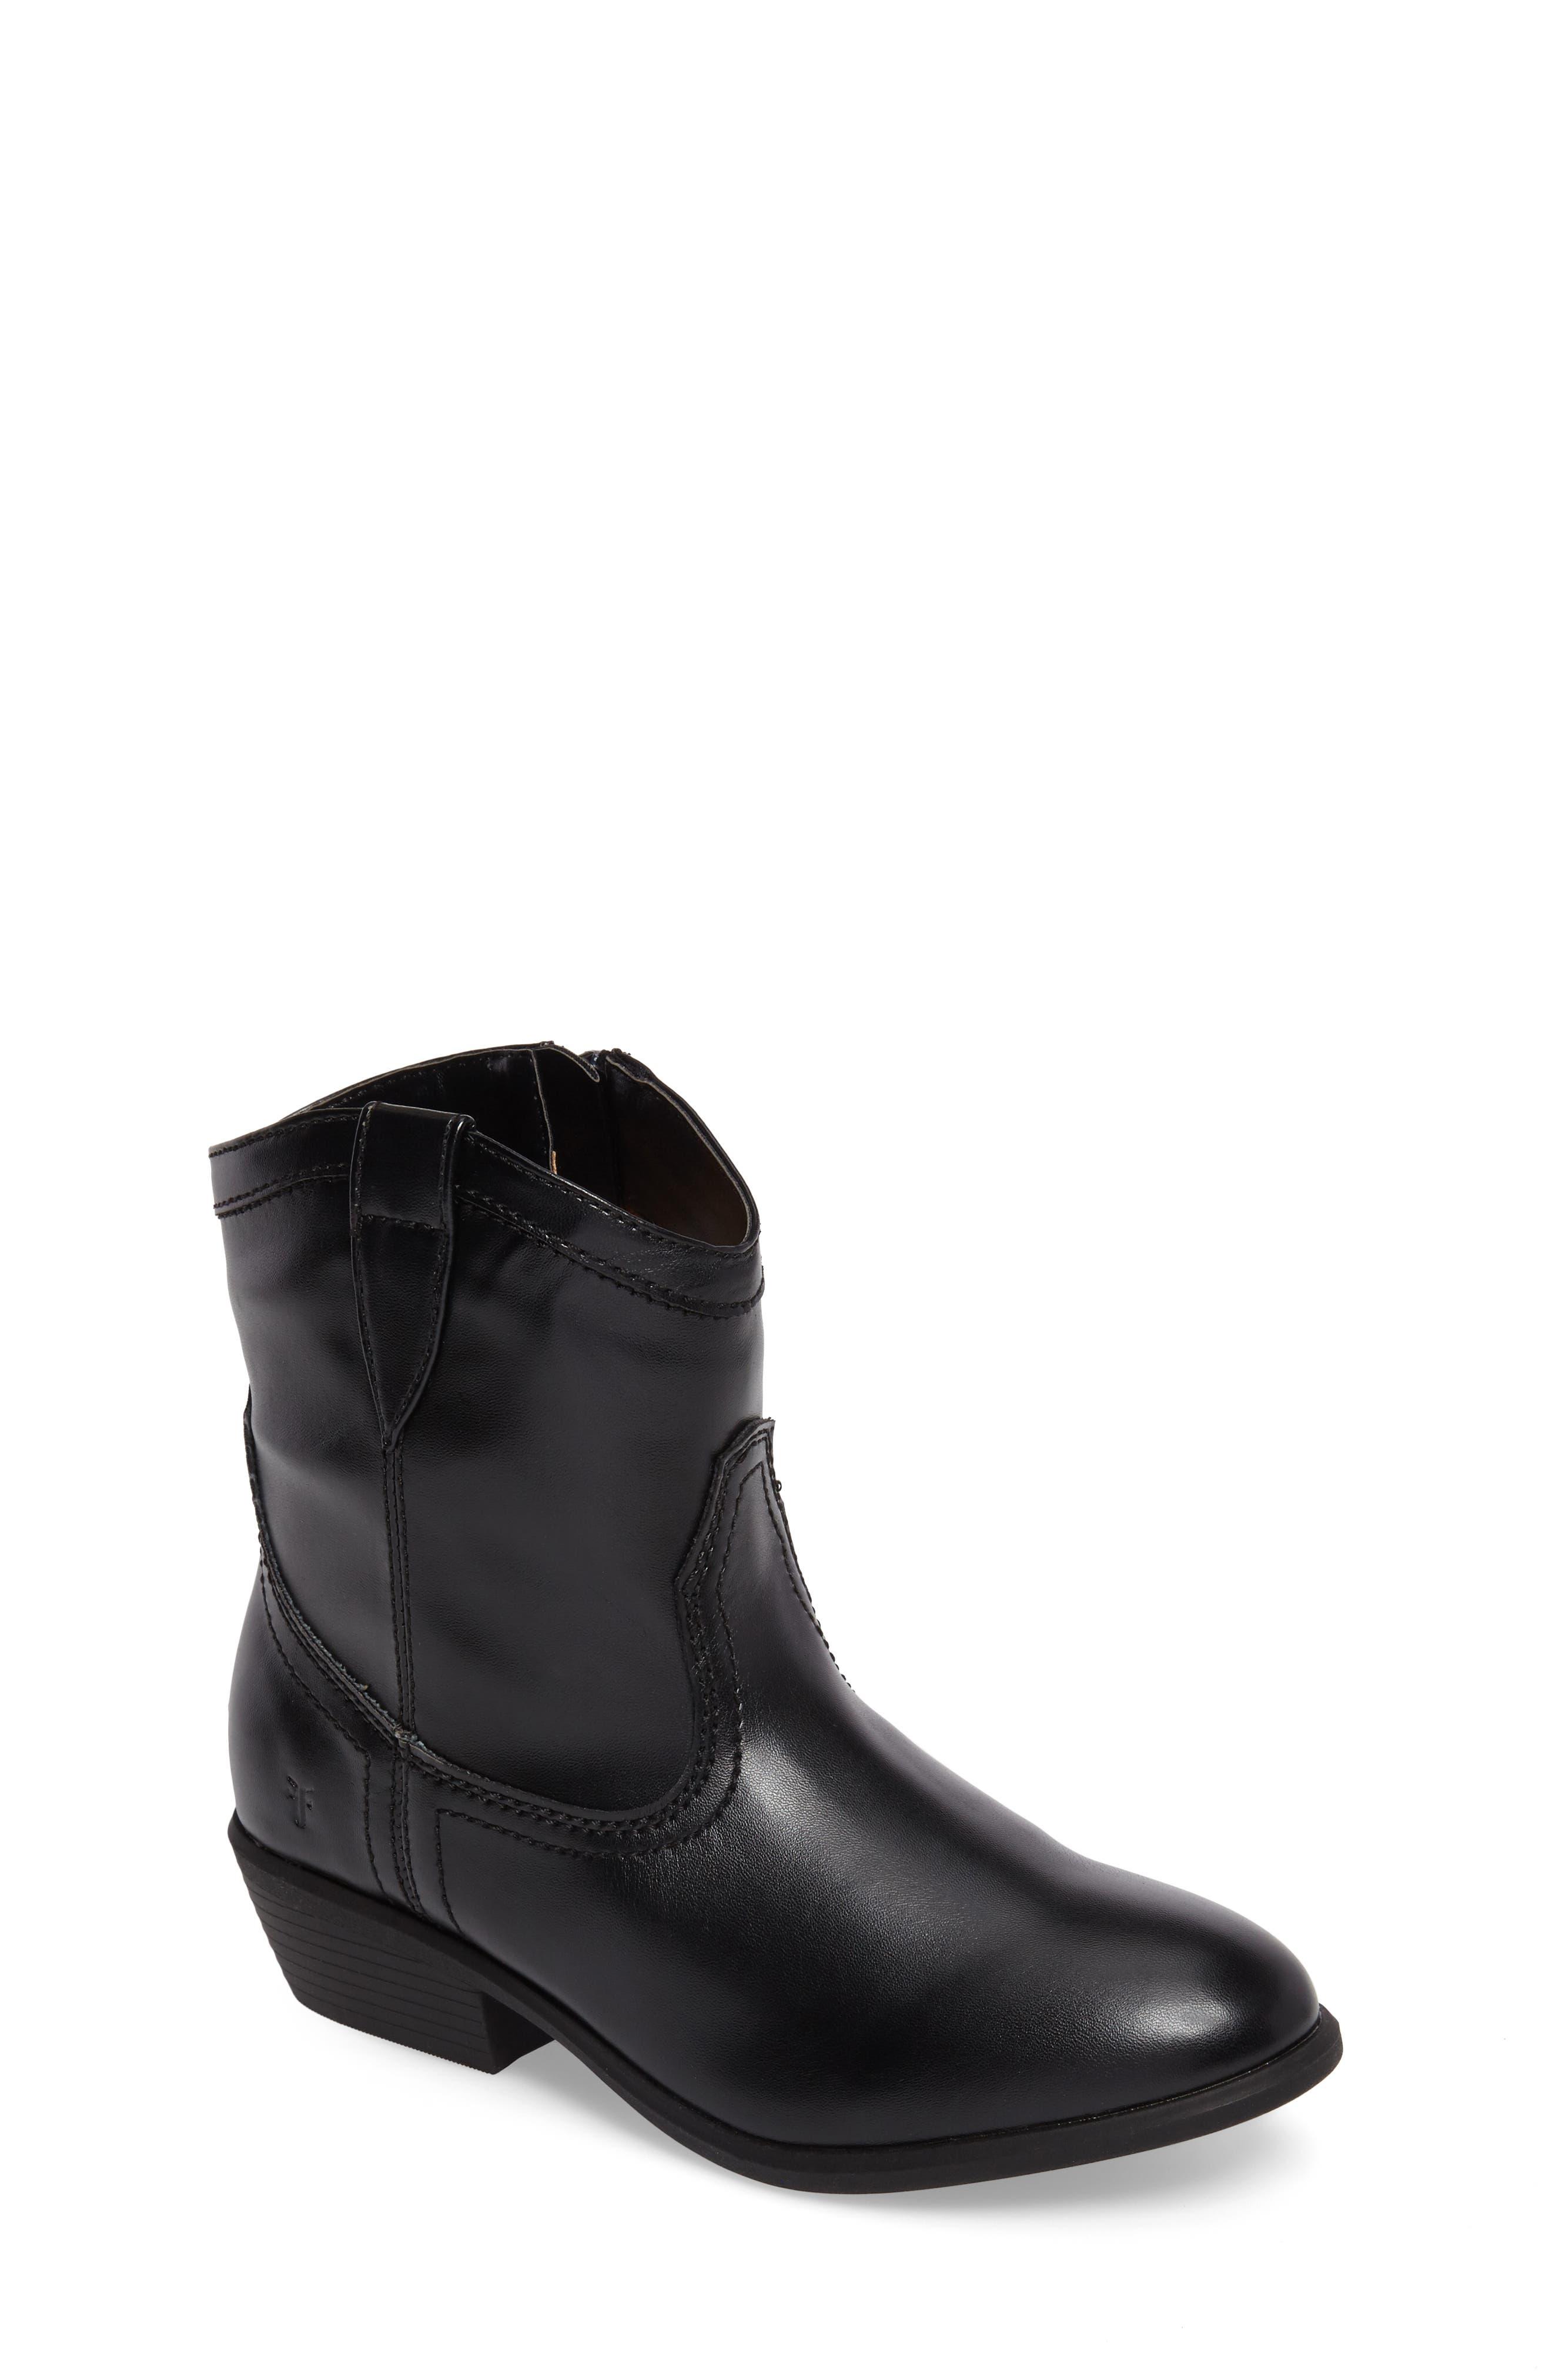 Roper Stitch Boot,                         Main,                         color, 001